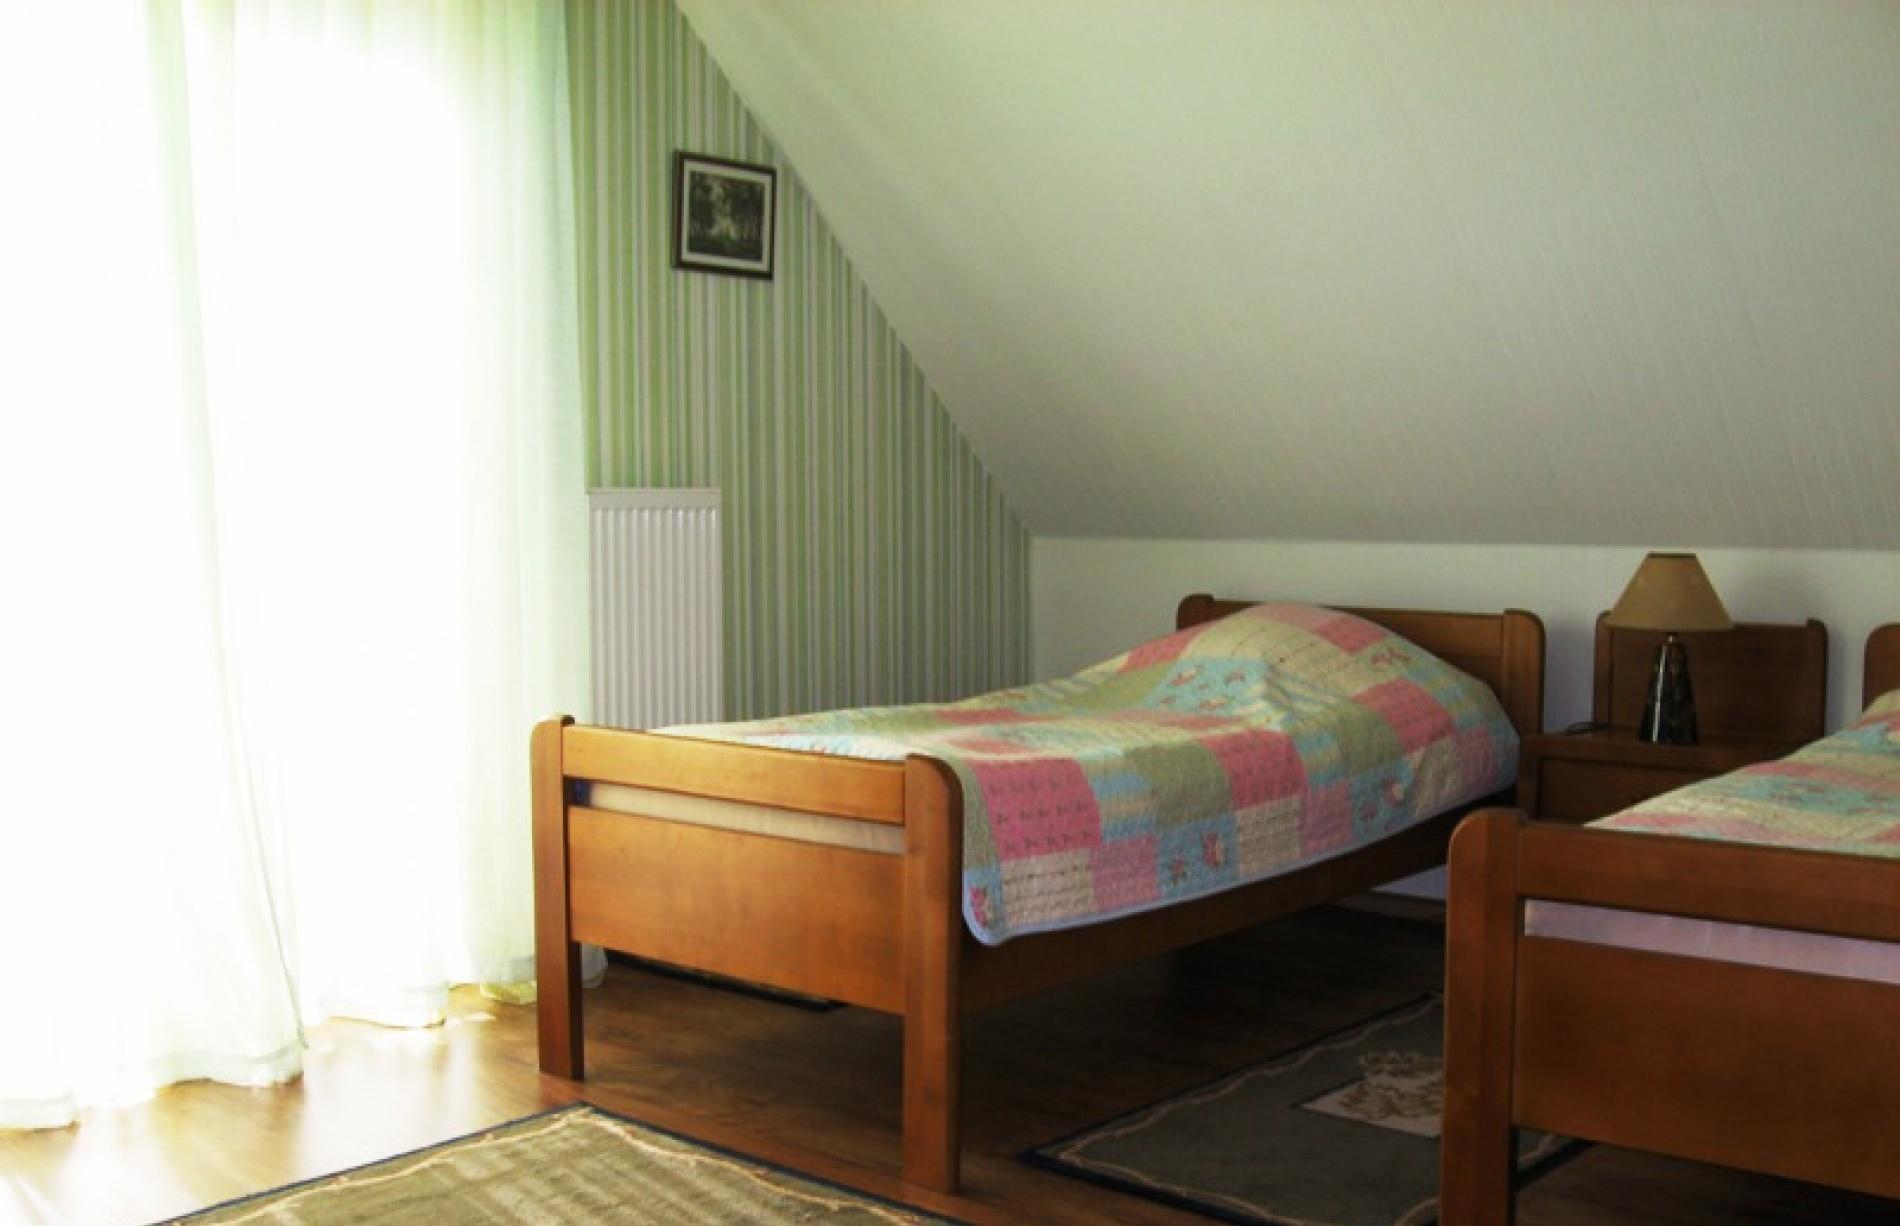 Гостевой дом «Понарт» Калининградская область «Стандарт», фото 2